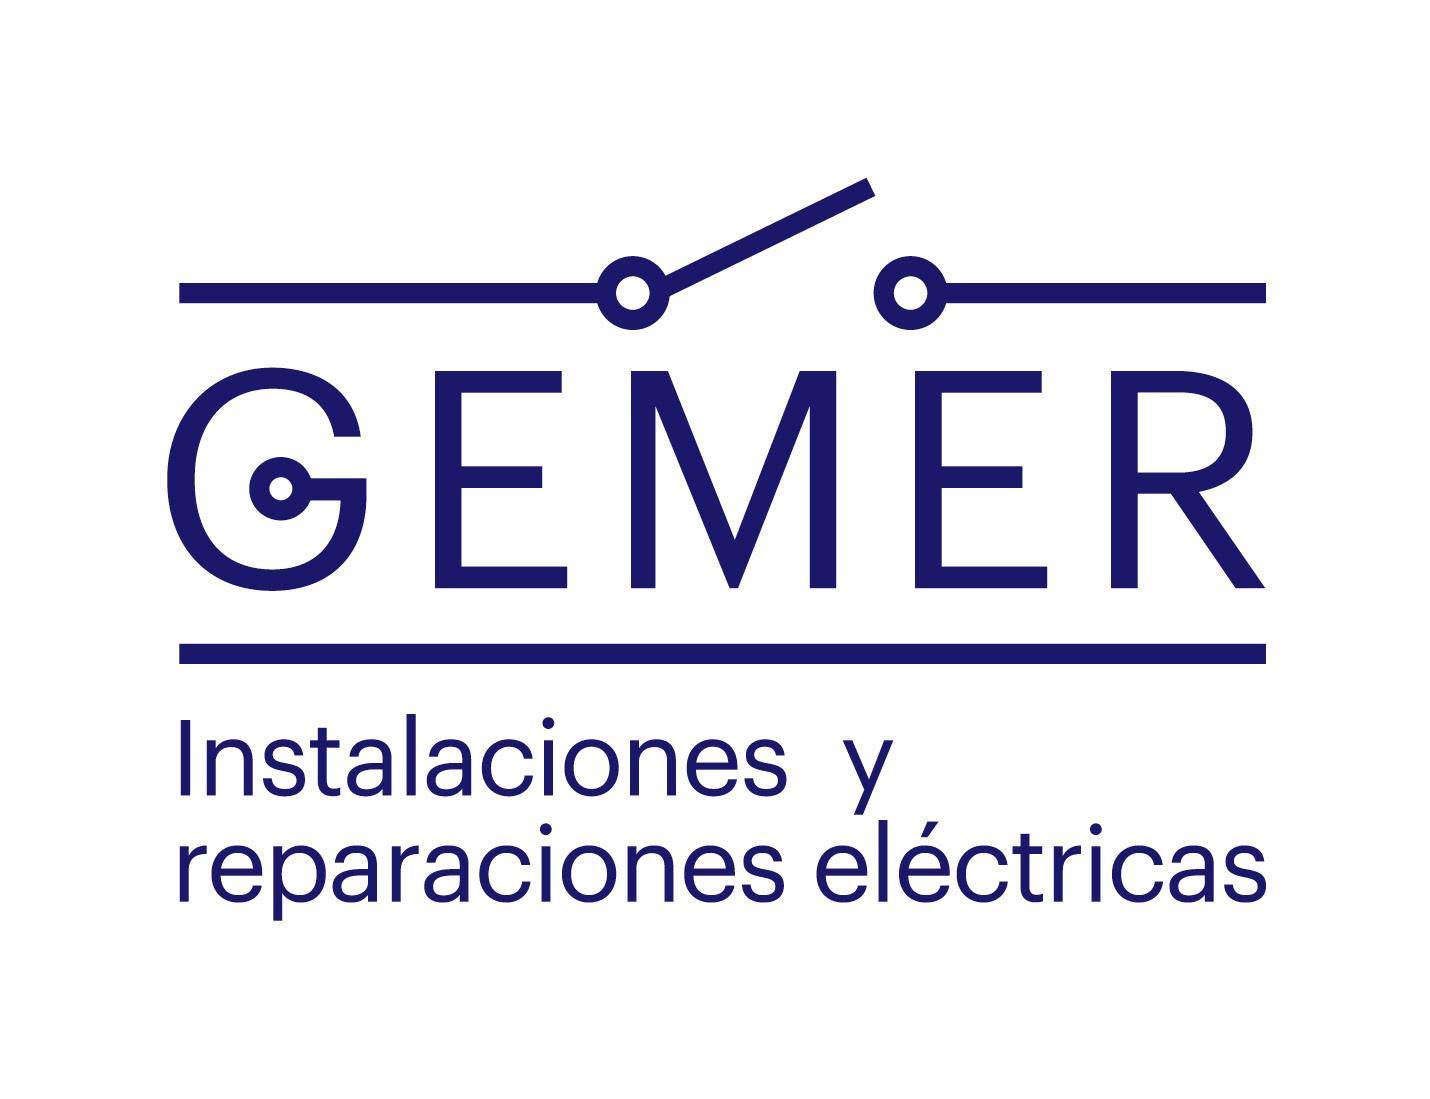 GEMER - Instalaciones y reparaciones eléctricas